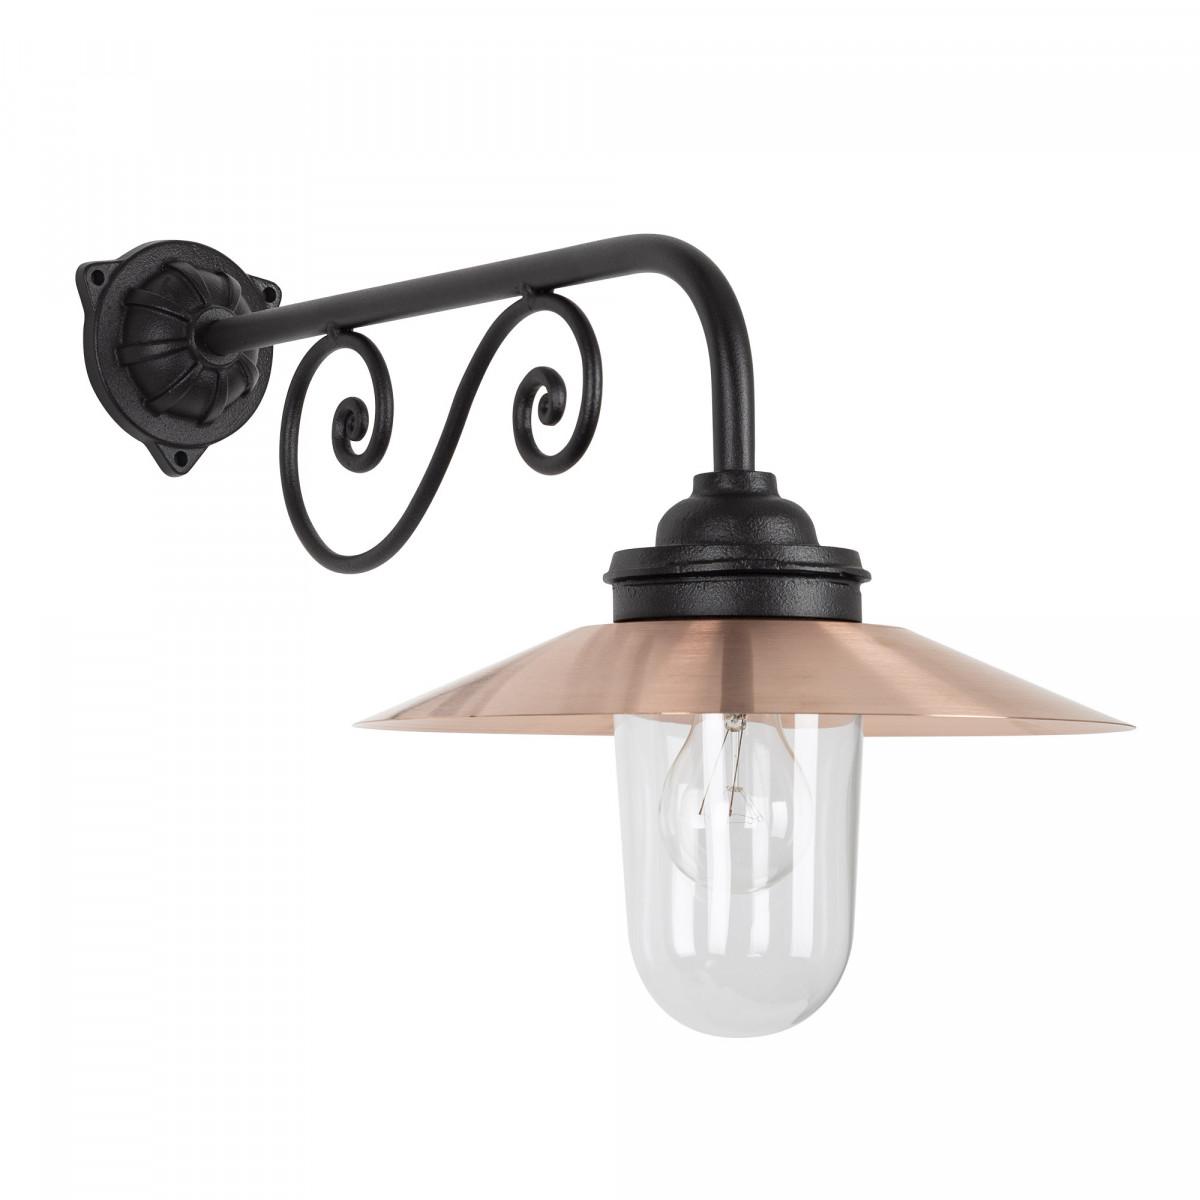 Stallamp Ardennes franse stallampen gemaakt van gietijzer en koper met een heldere glazen stolp, onderhoudsvriendelijke buitenverlichting van KS Verlichting